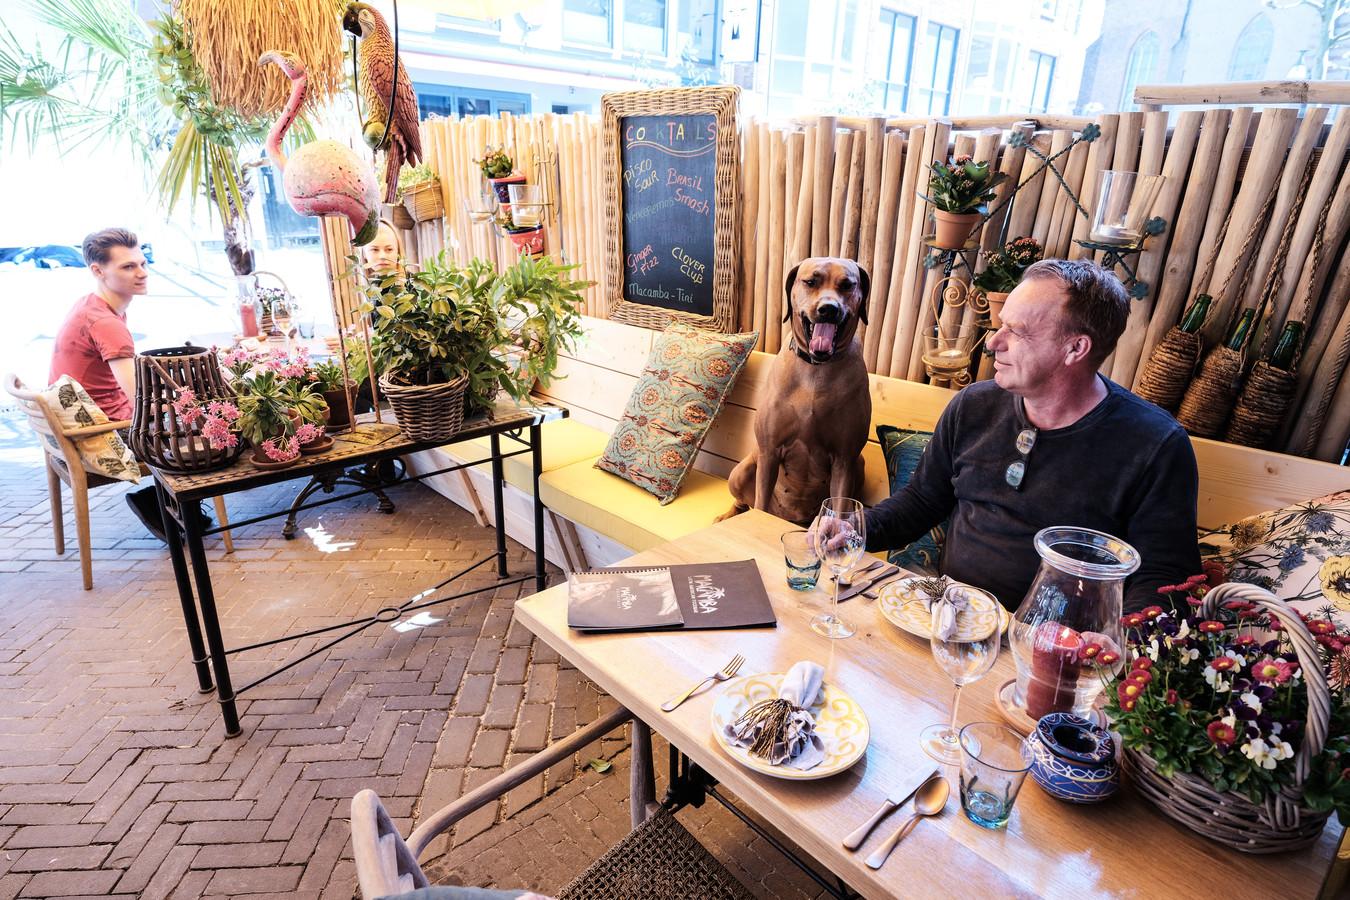 Henk Jan Kuiper, eigenaar van Gringo's, met hond Lola in de anderhalve meter zone van het terras